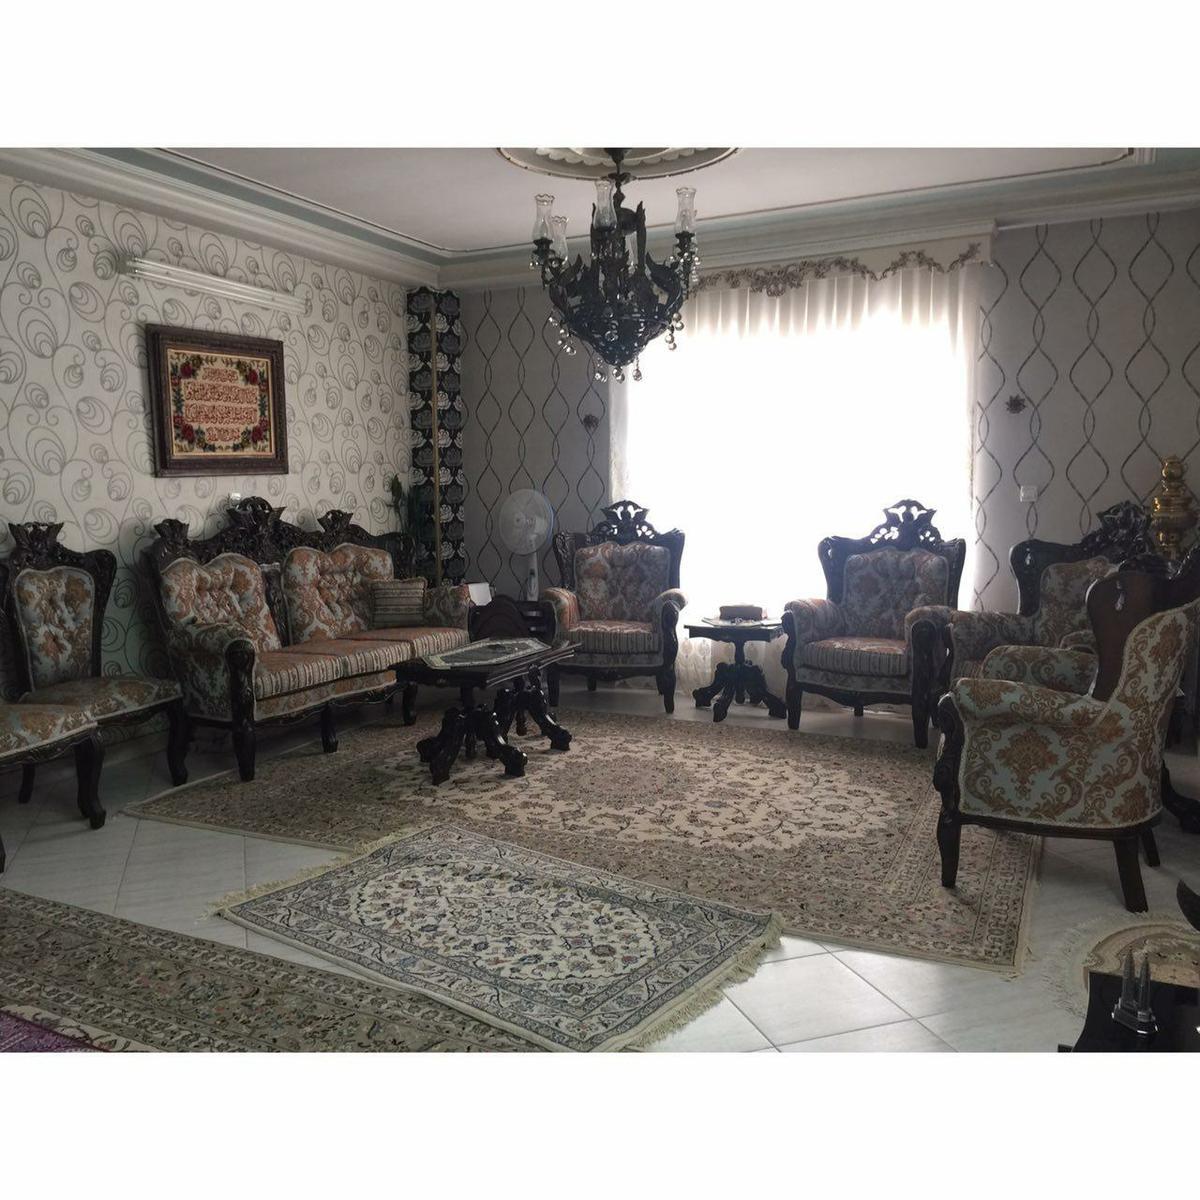 اجاره روزانه آپارتمان مبله در تهران آجودانیه تهران | ارازن جا